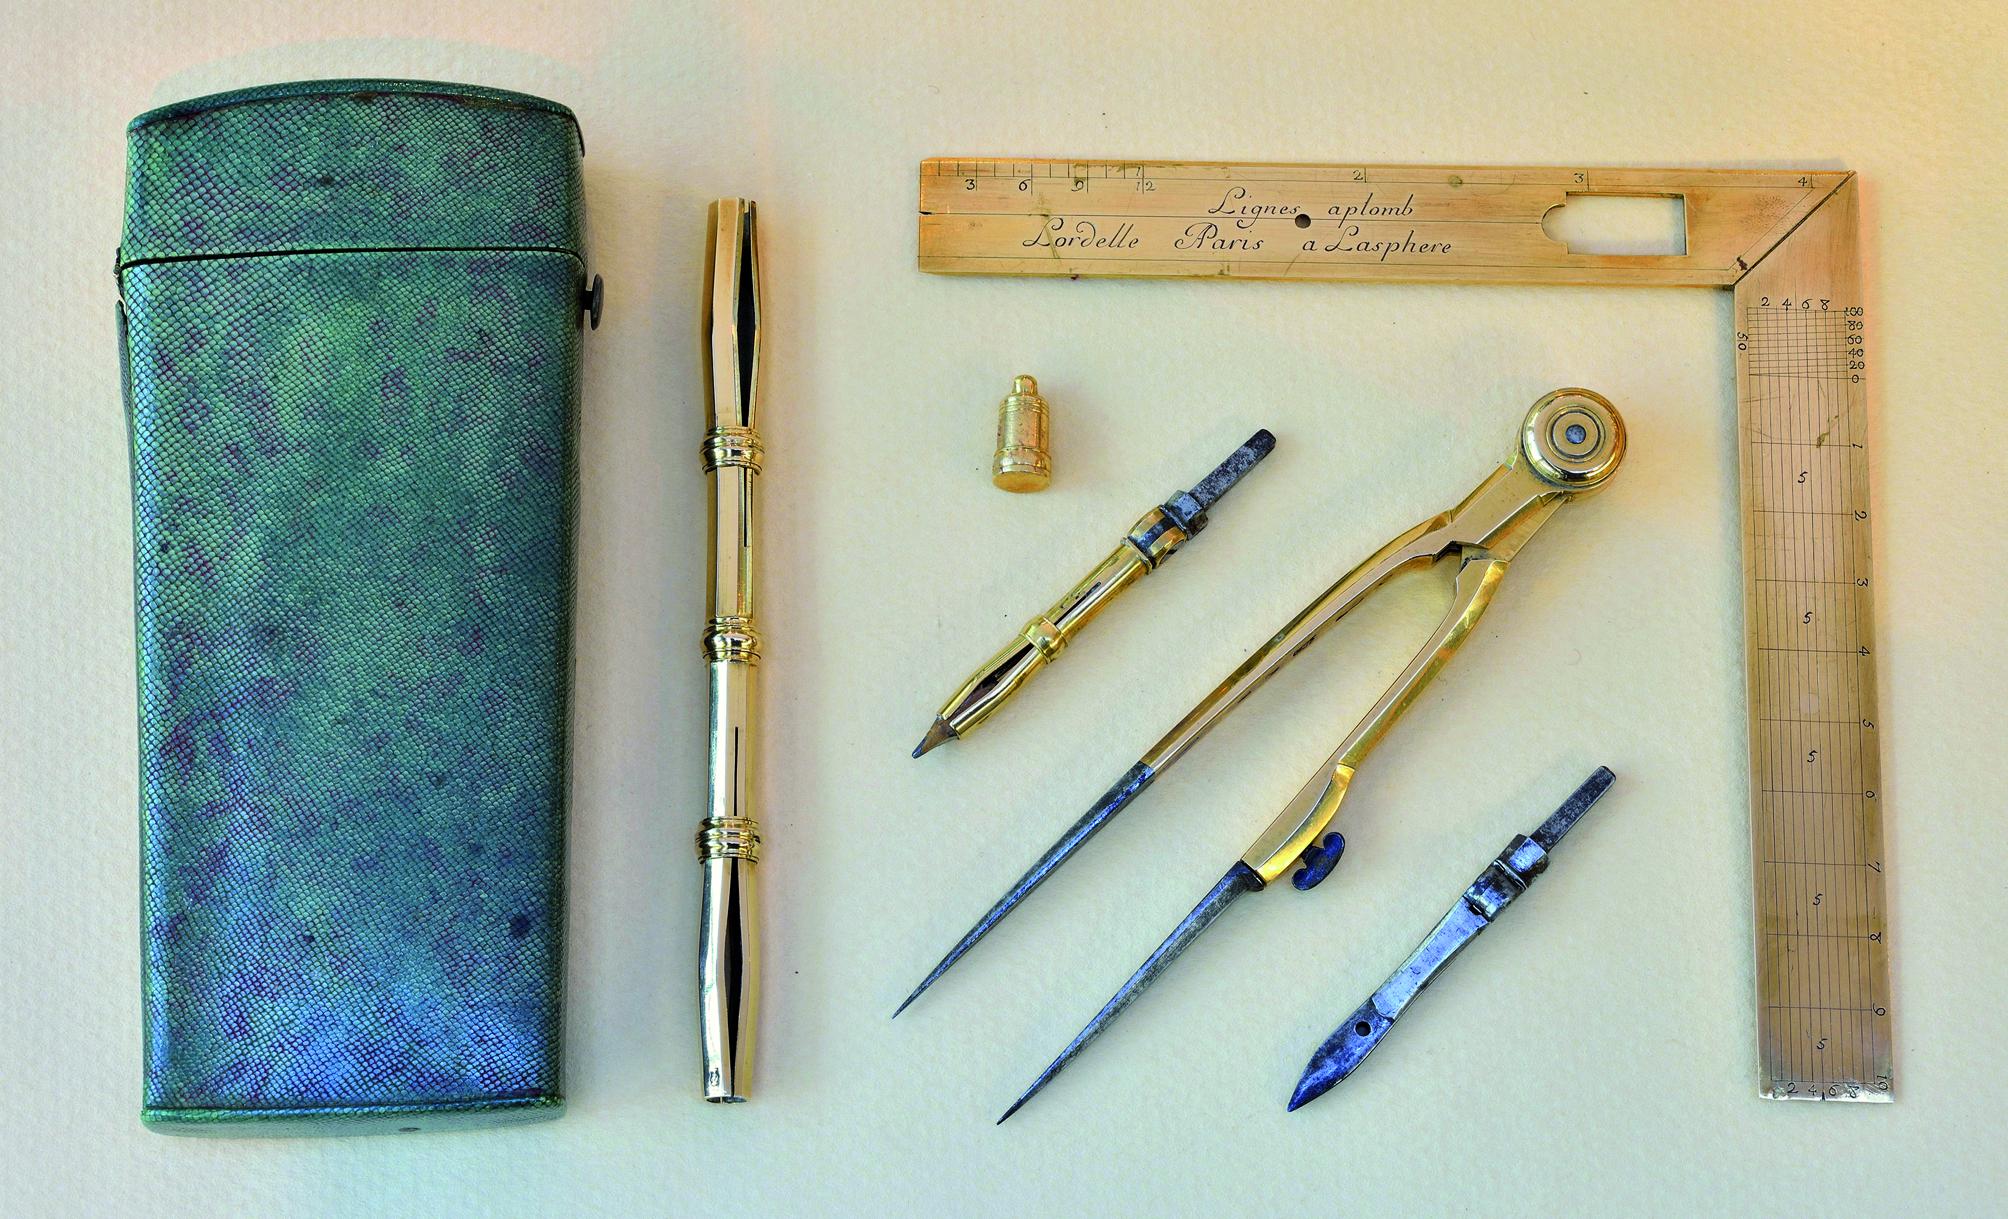 les dessins de crochet d'instrument datant tandis que séparé dans le Tennessee